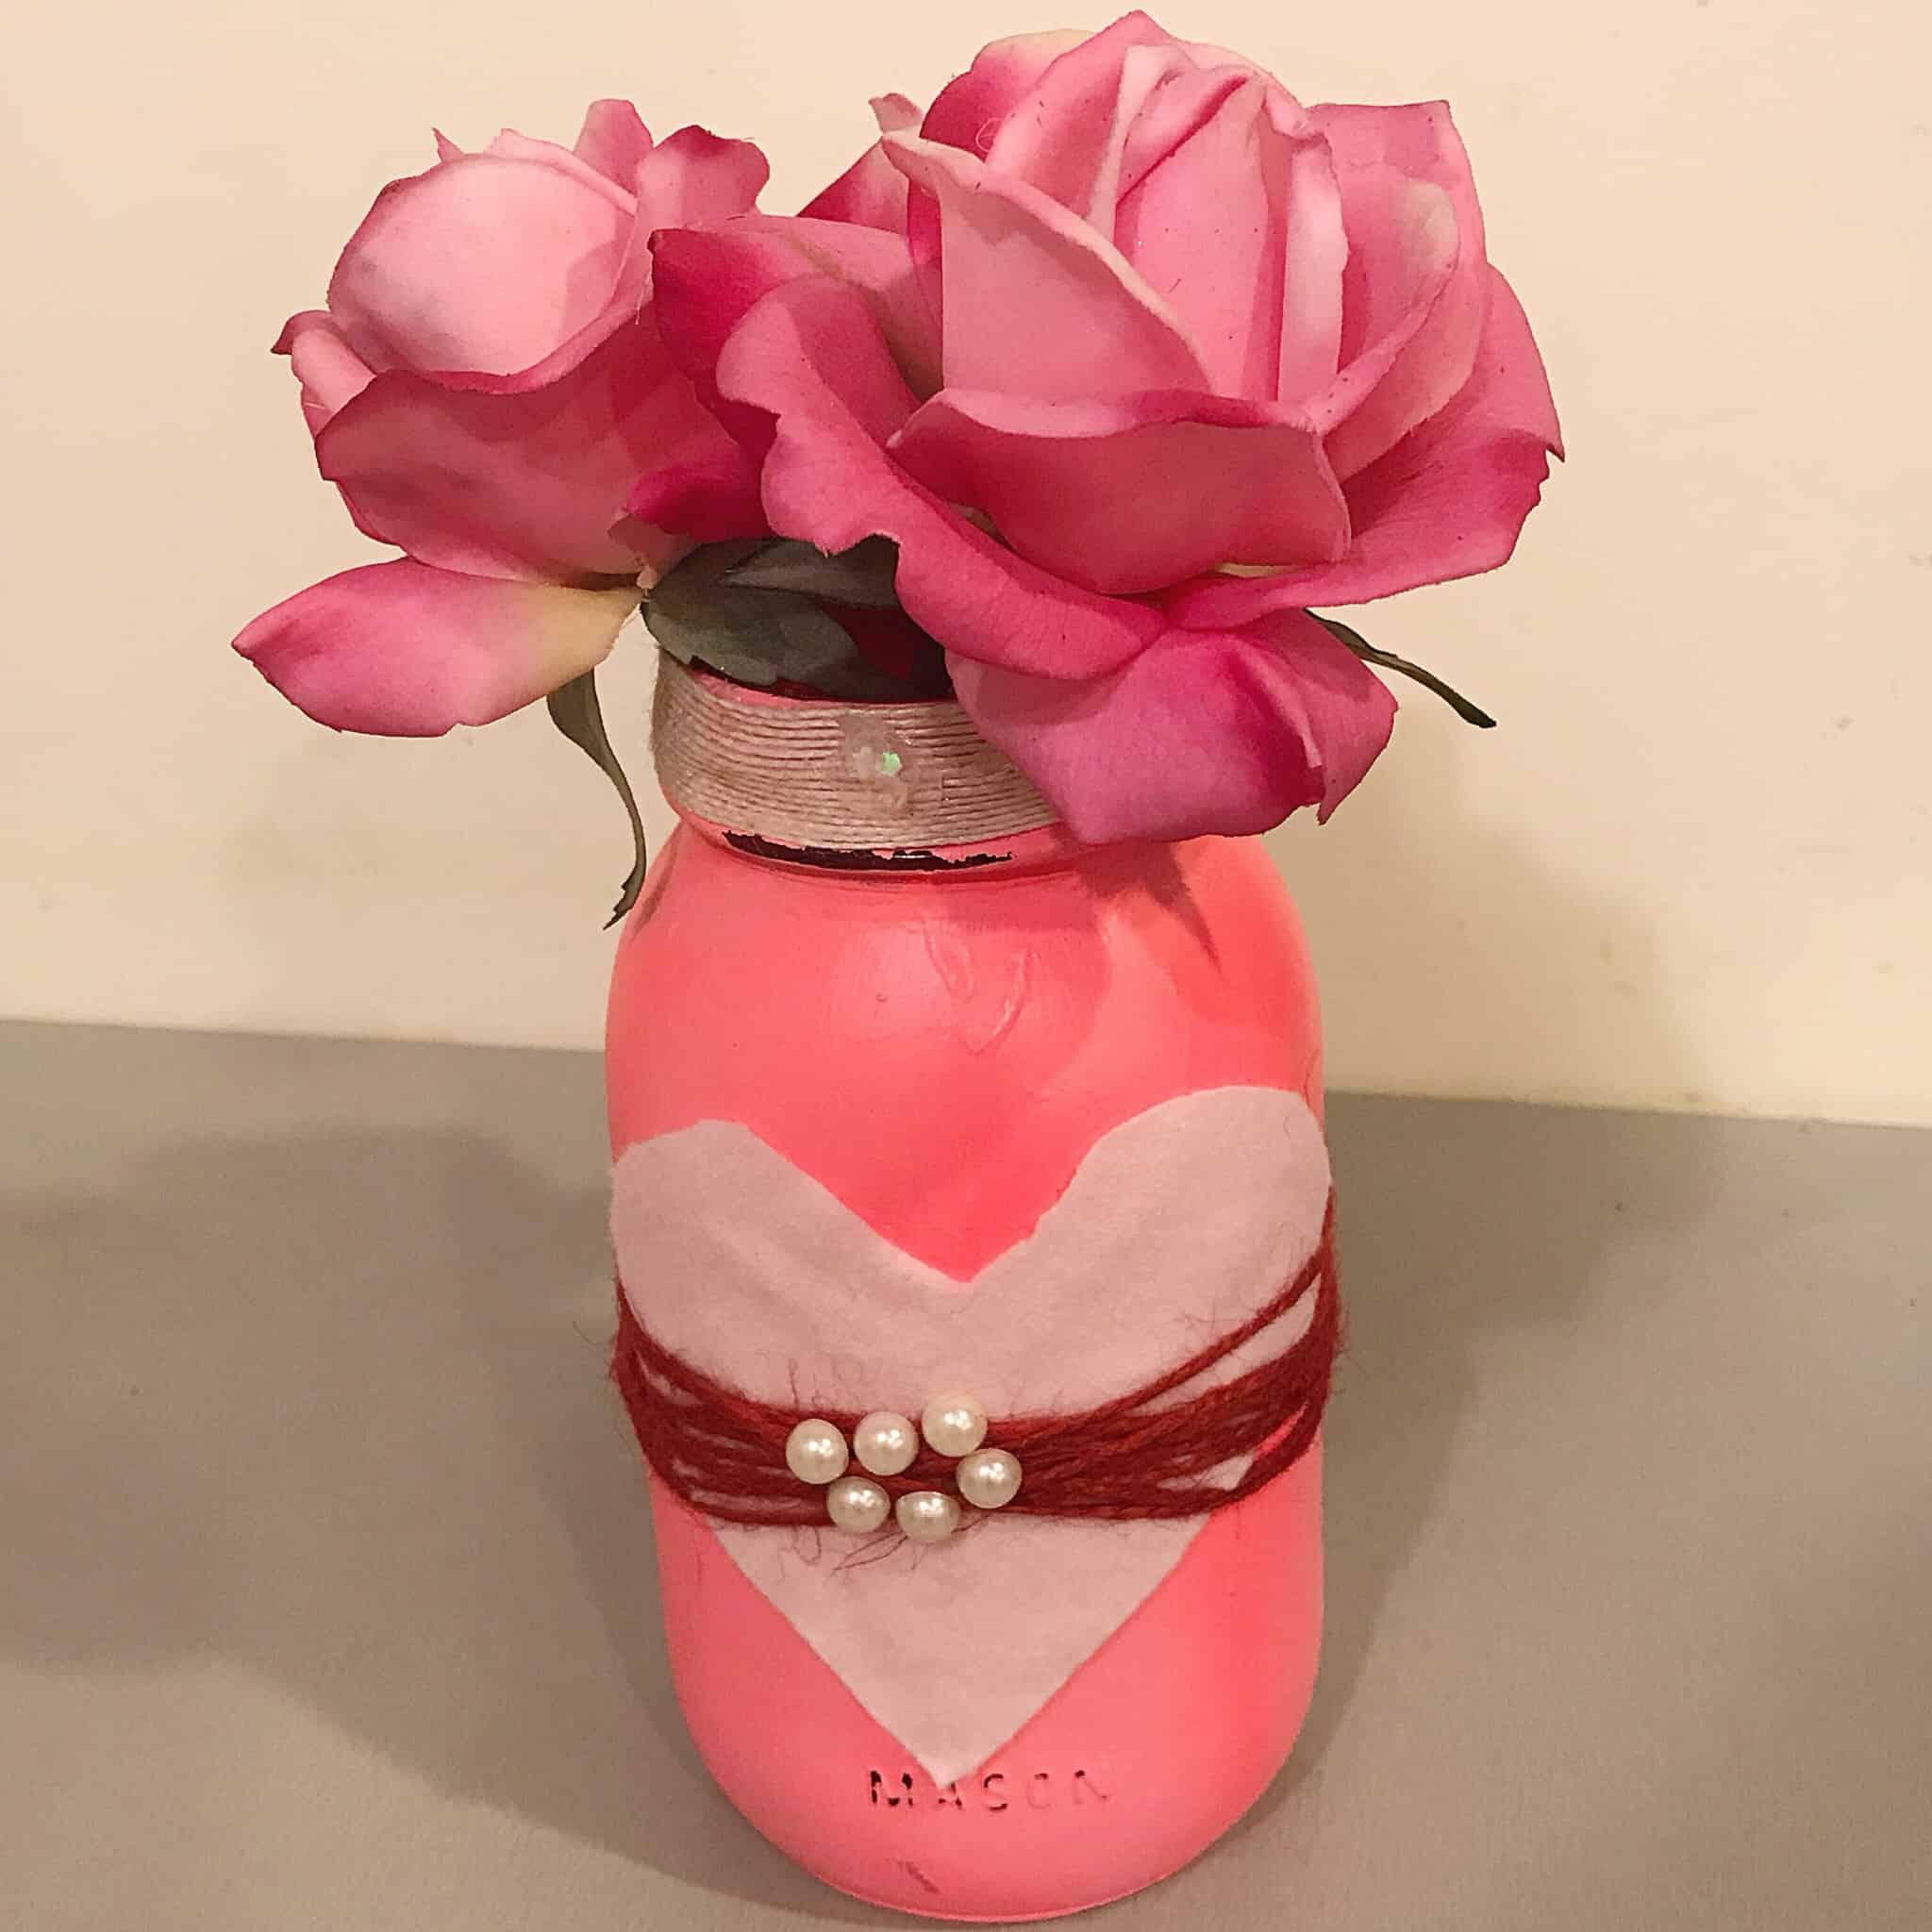 DIY Valentine's Day Mason Jar Centerpiece